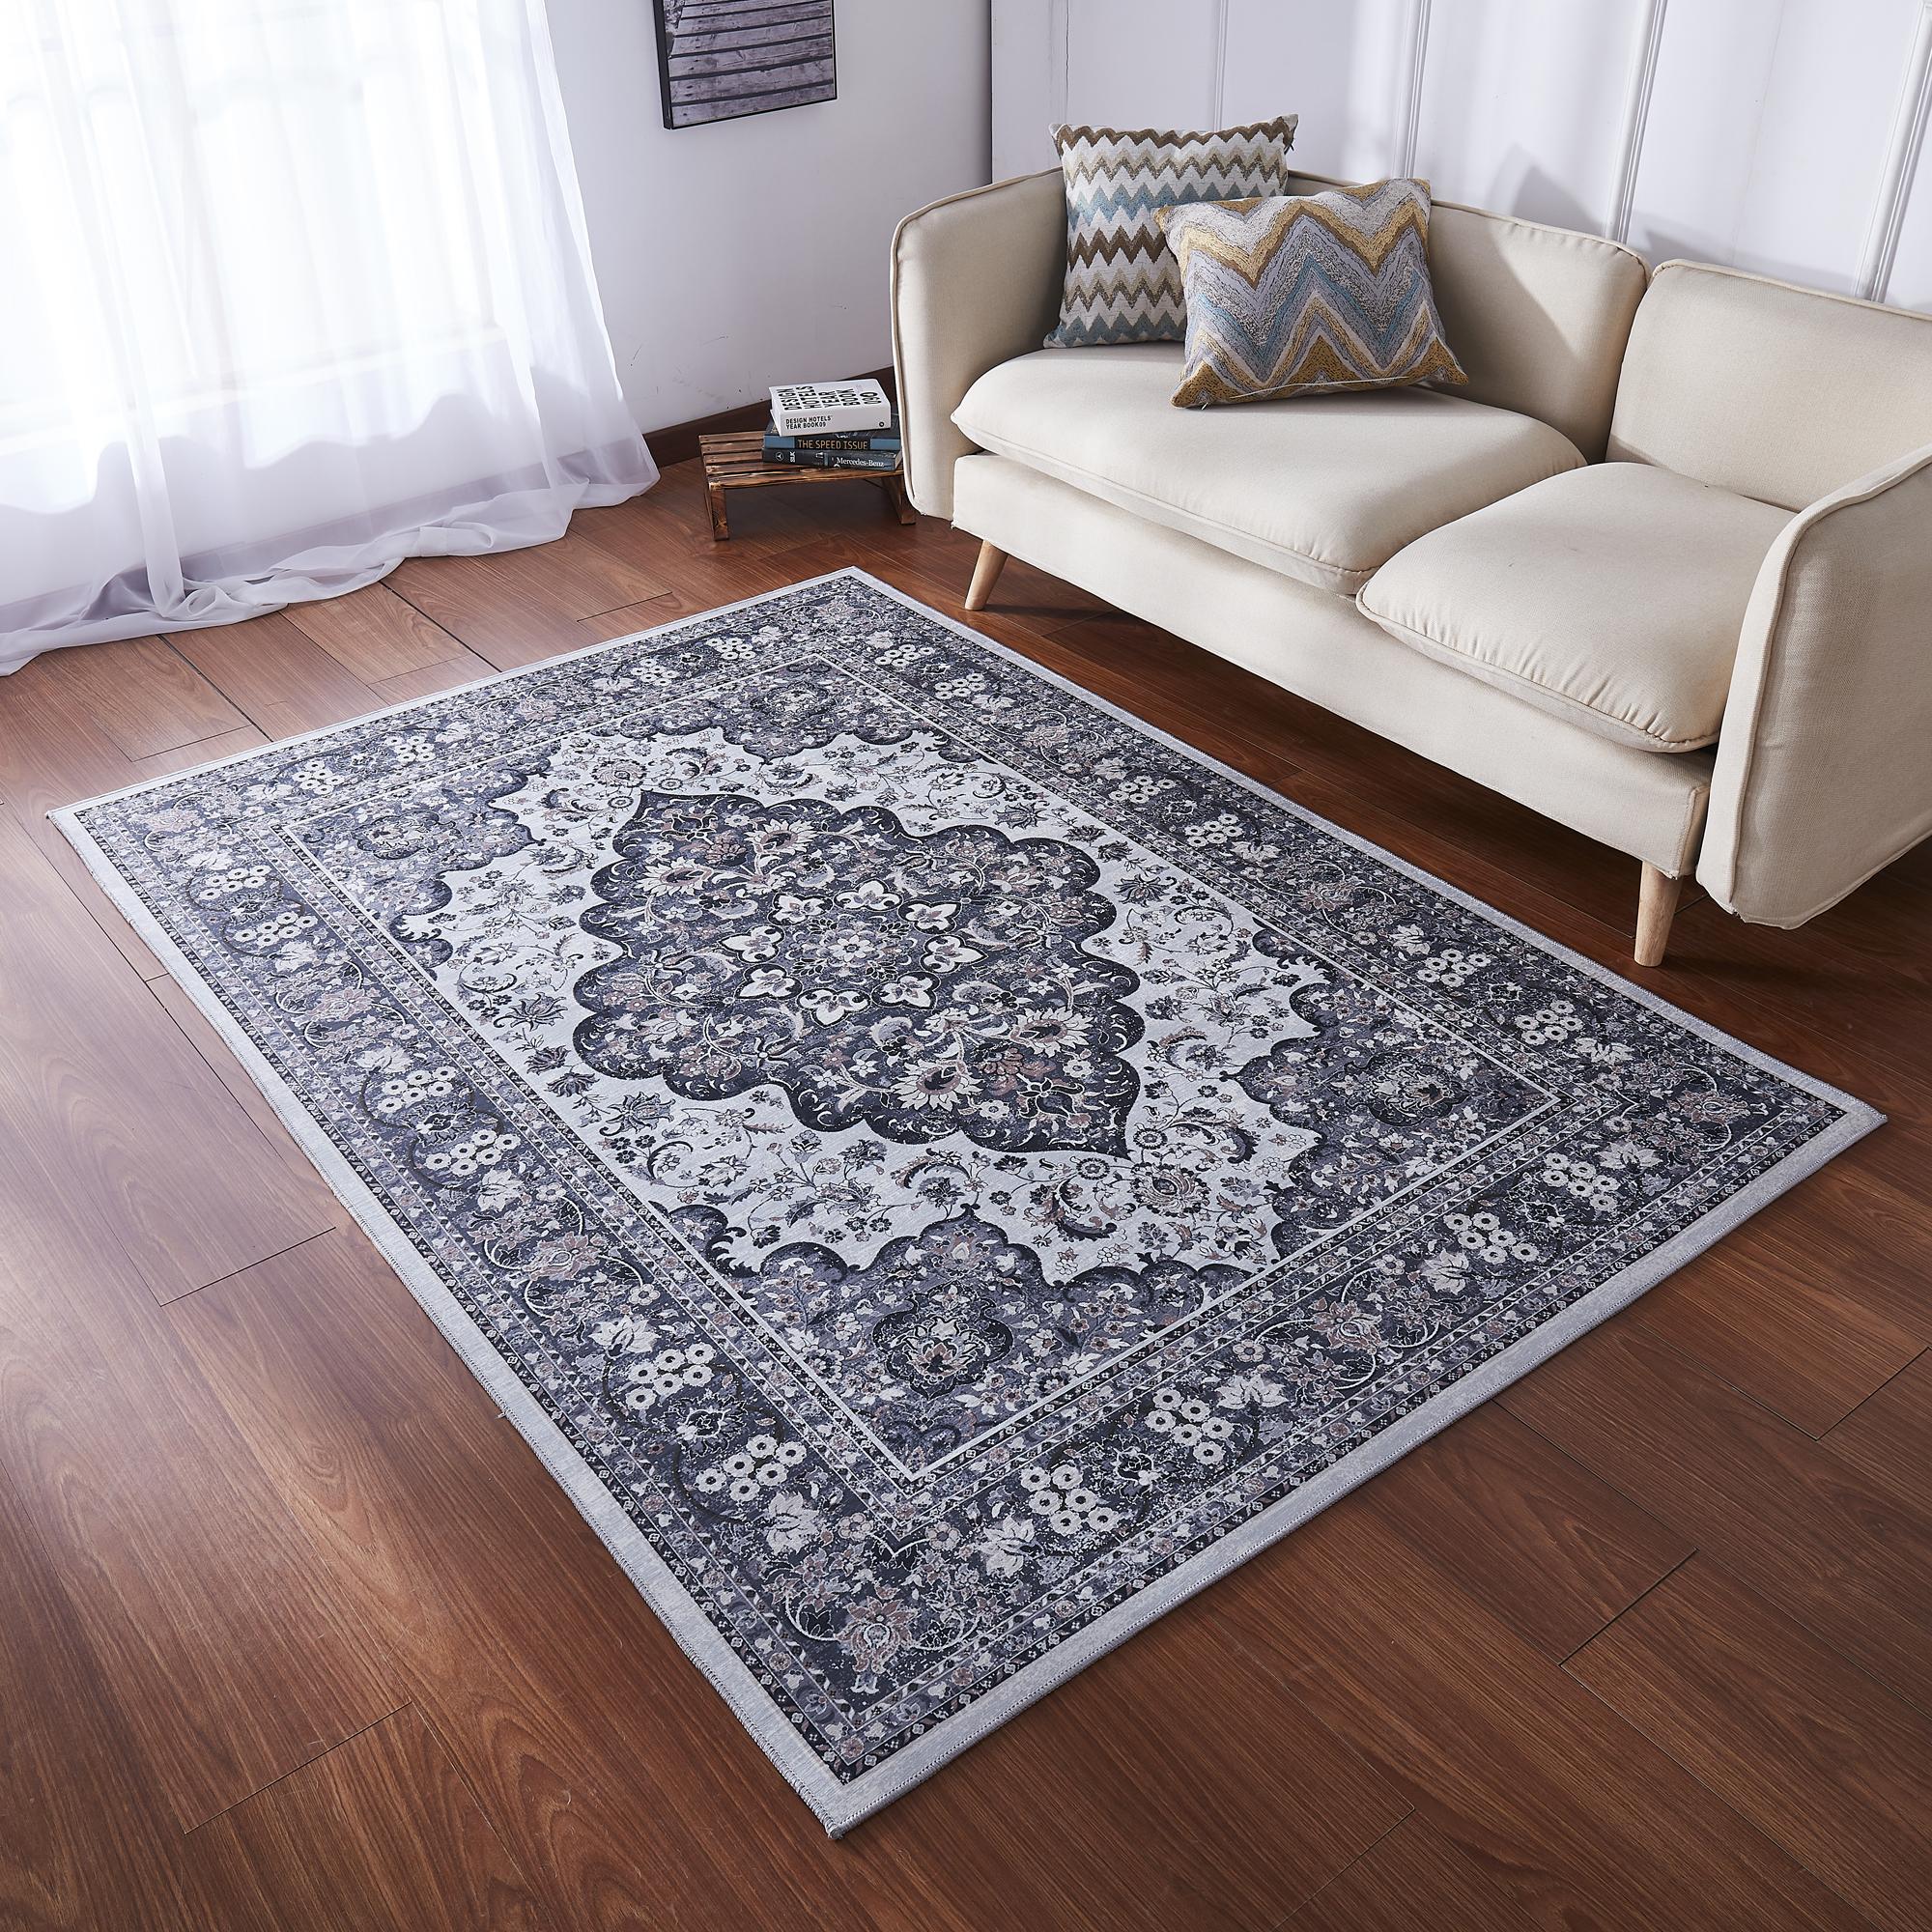 Amazing Rugs Zara Enheduanna Design Area Rug 8 X 11